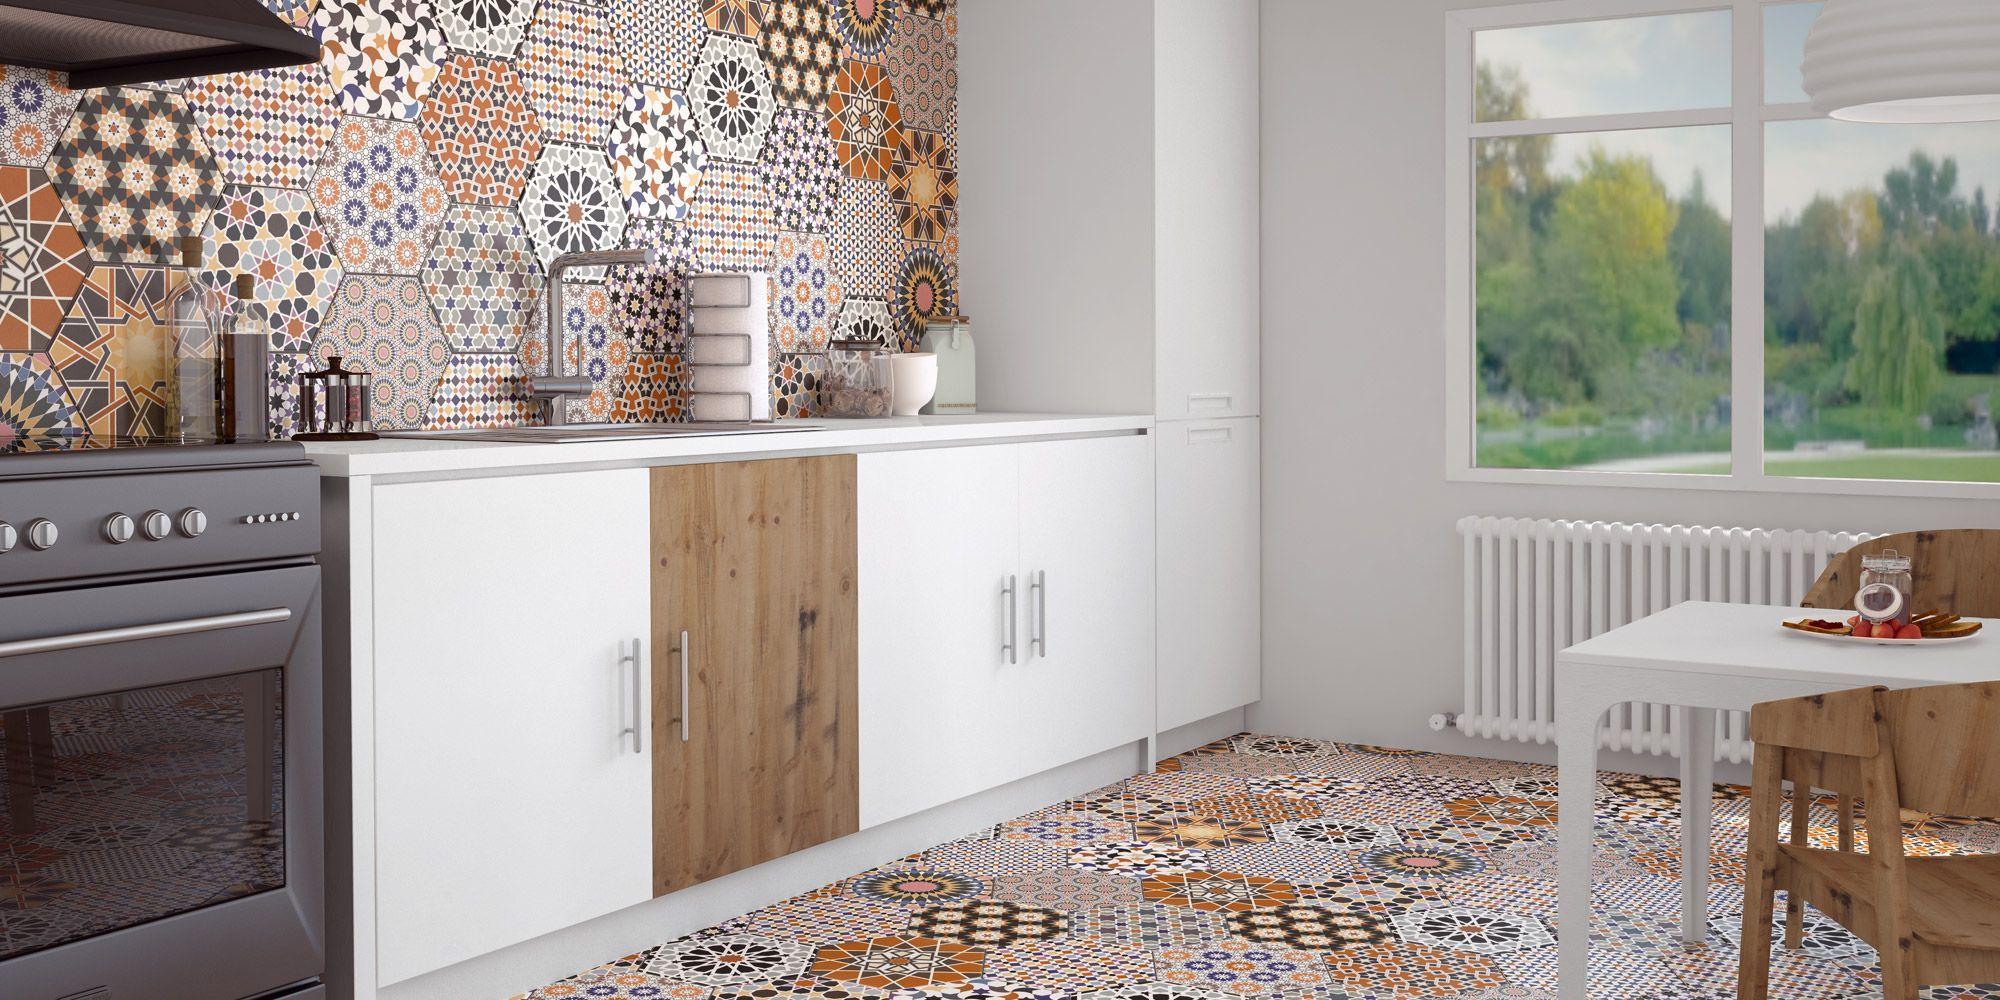 Pin von &lise auf meubles/intérieur | Pinterest